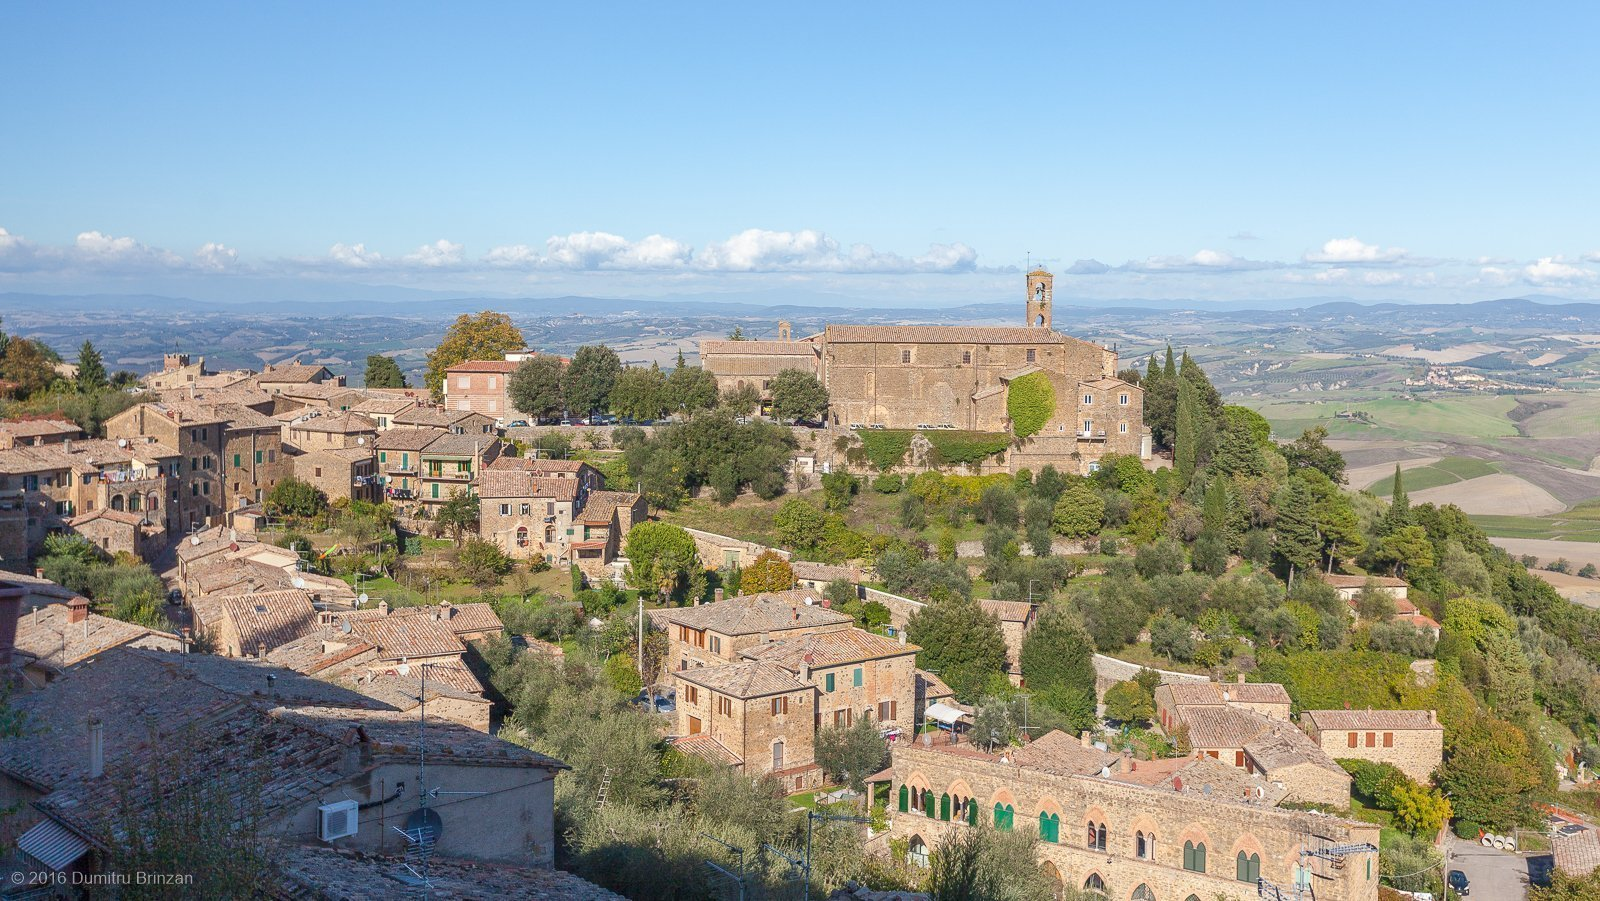 2016-montalcino-tuscany-italy-21